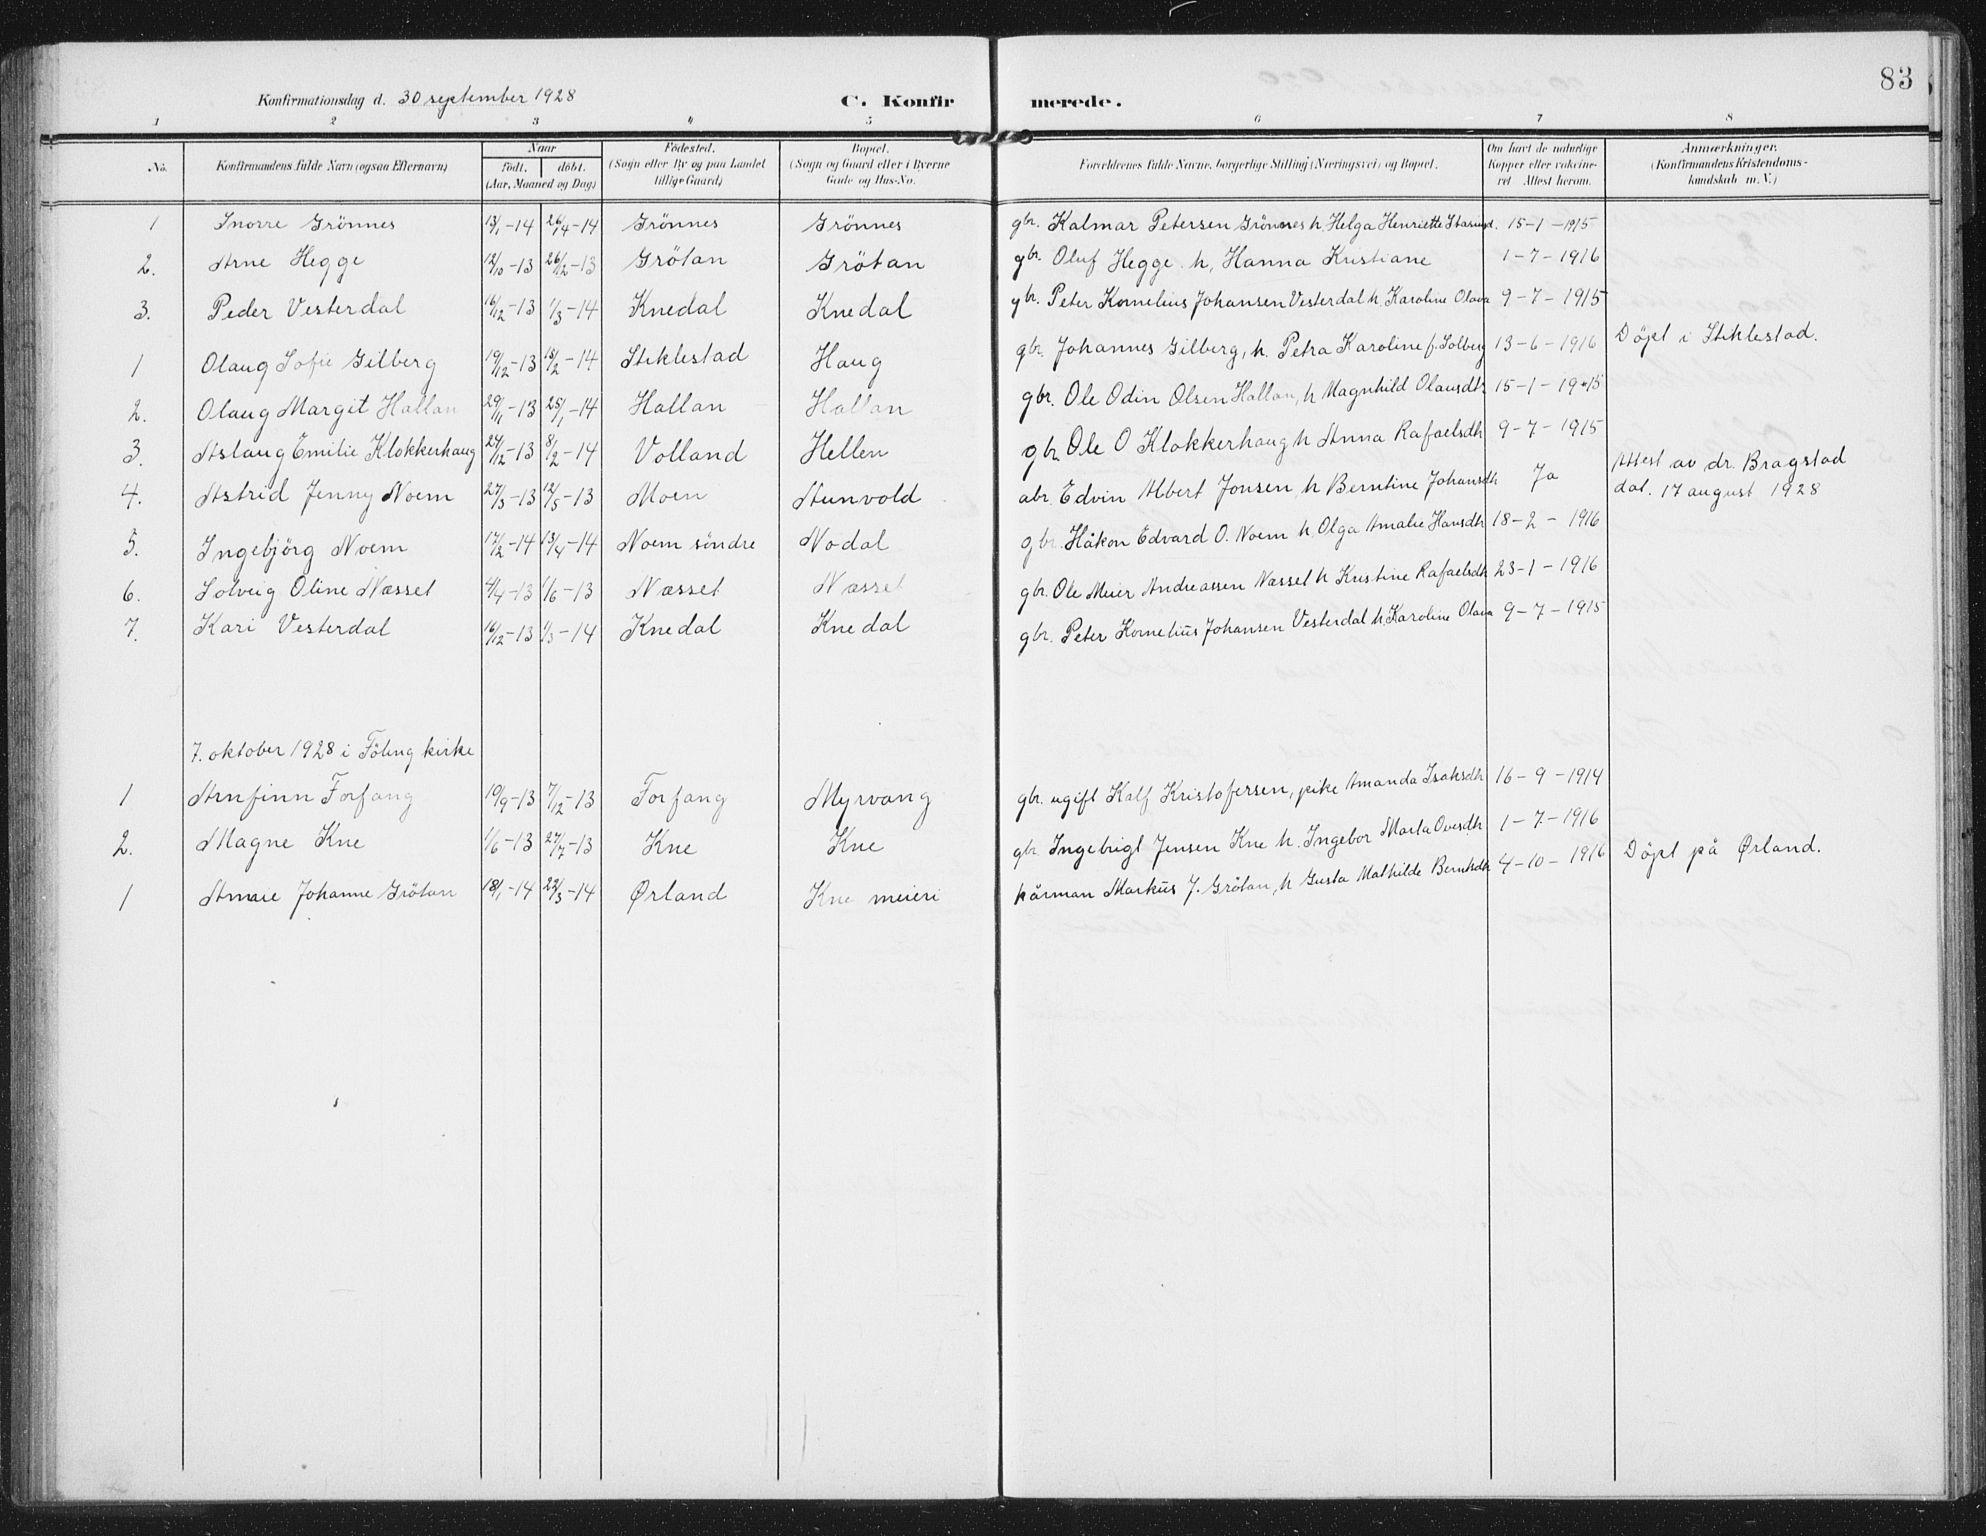 SAT, Ministerialprotokoller, klokkerbøker og fødselsregistre - Nord-Trøndelag, 747/L0460: Klokkerbok nr. 747C02, 1908-1939, s. 83